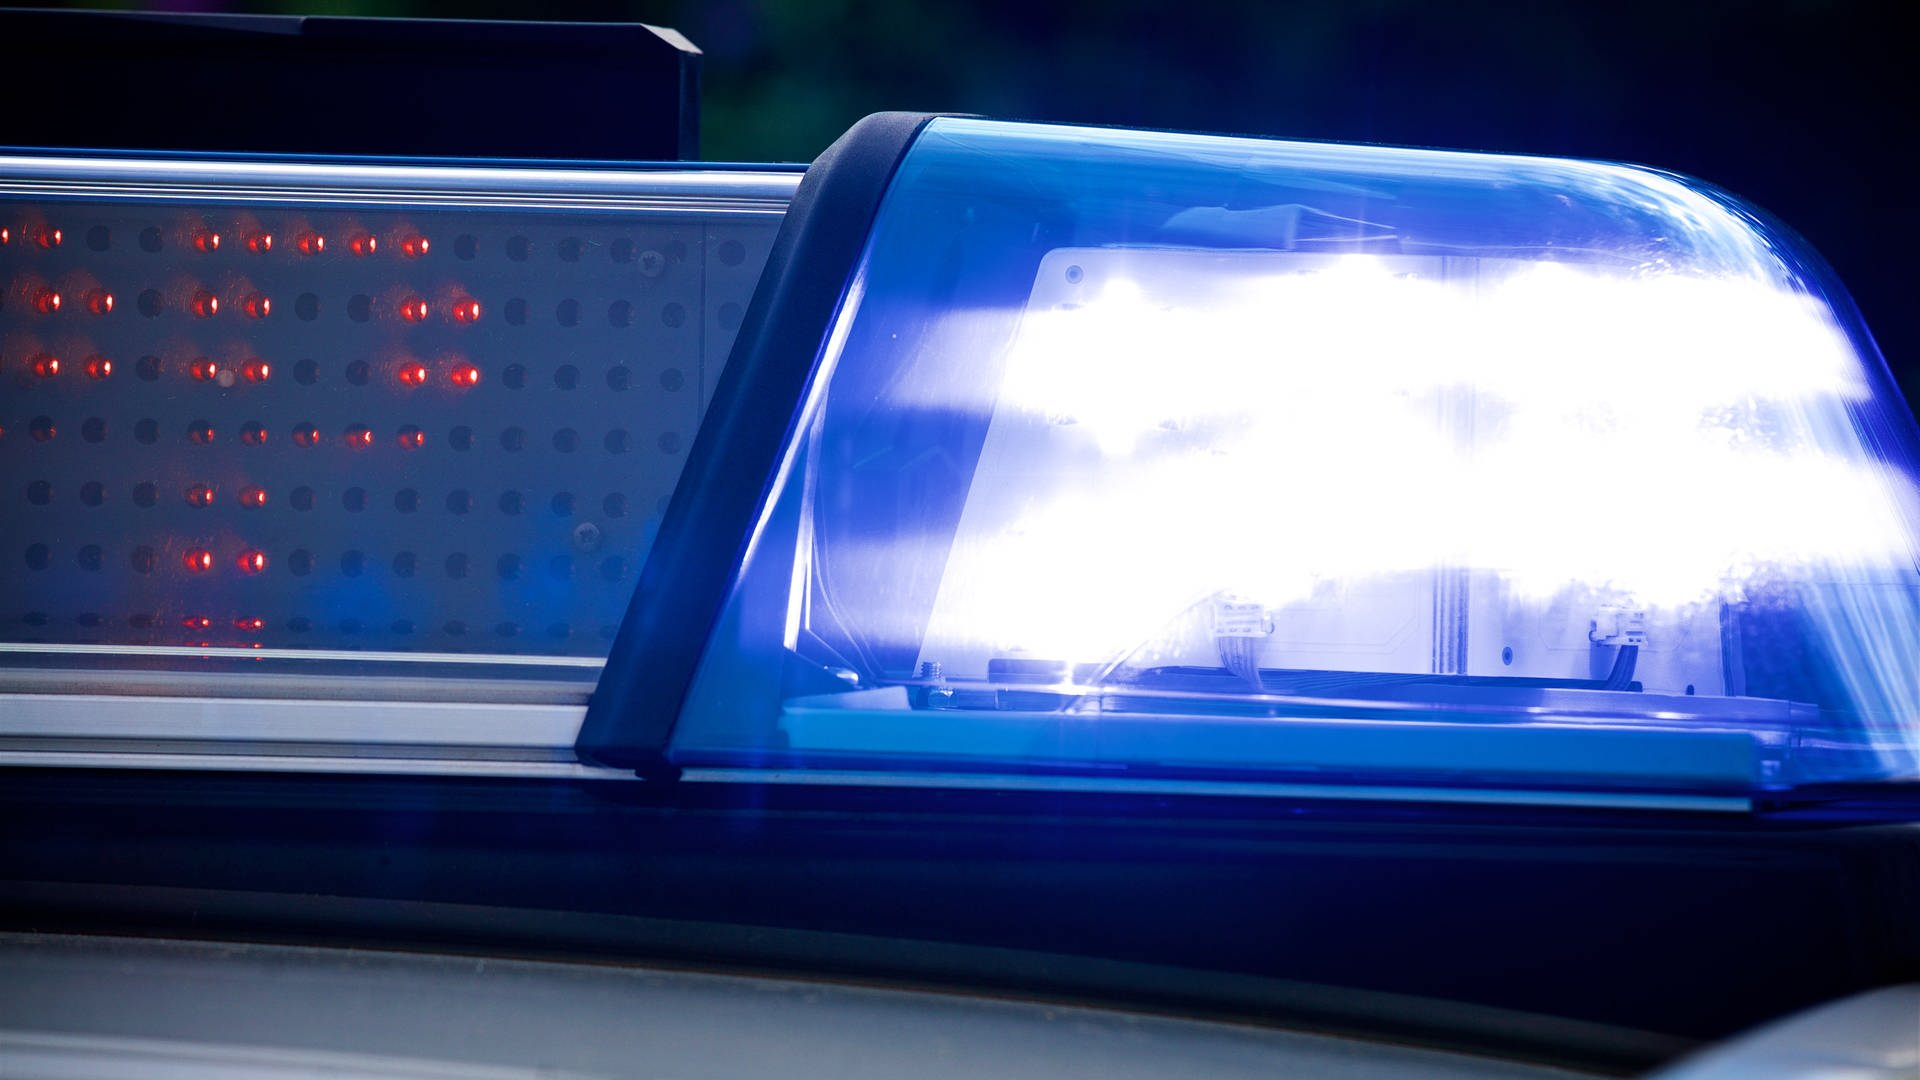 Getöteter 18-Jähriger in Frankenthal: Verdächtiger schweigt   Ludwigshafen   SWR Aktuell Rheinland-Pfalz   SWR Aktuell - SWR